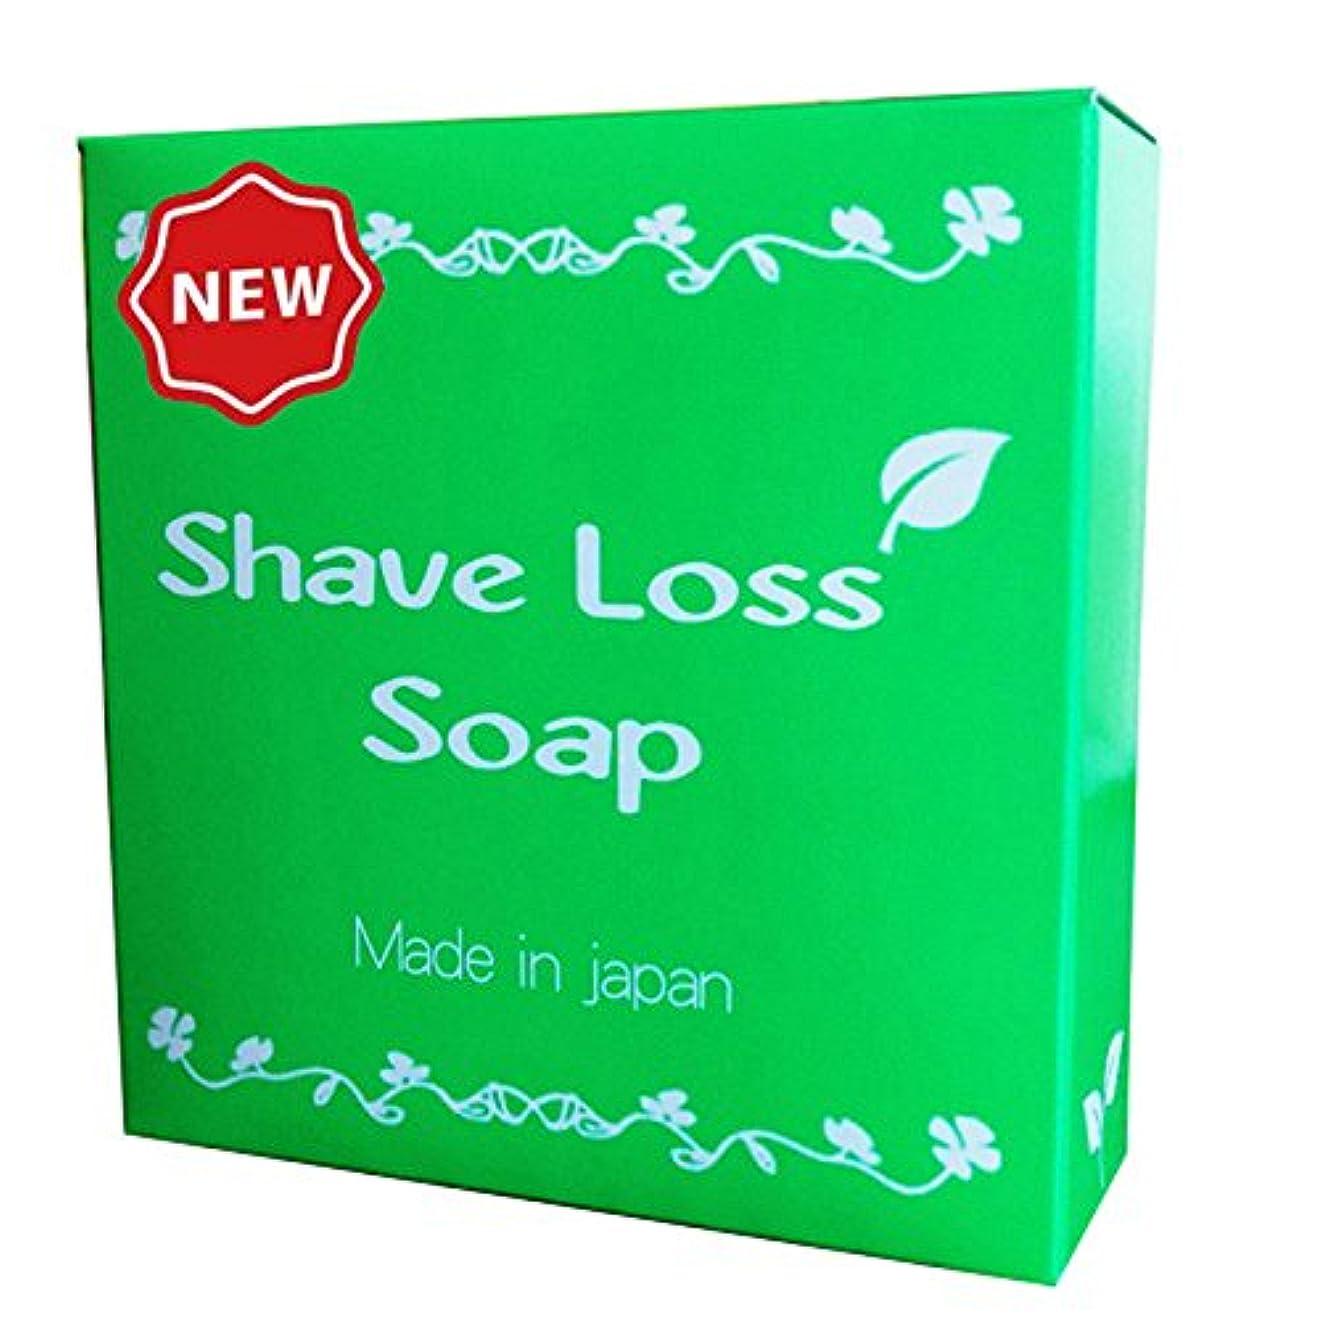 氷哲学者サバント【NEW】Shave Loss Soap 女性のツルツルを叶える 奇跡の石鹸 80g 2018年最新版 「ダイズ種子エキス」 「ラレアディバリカタエキス」大幅増量タイプ